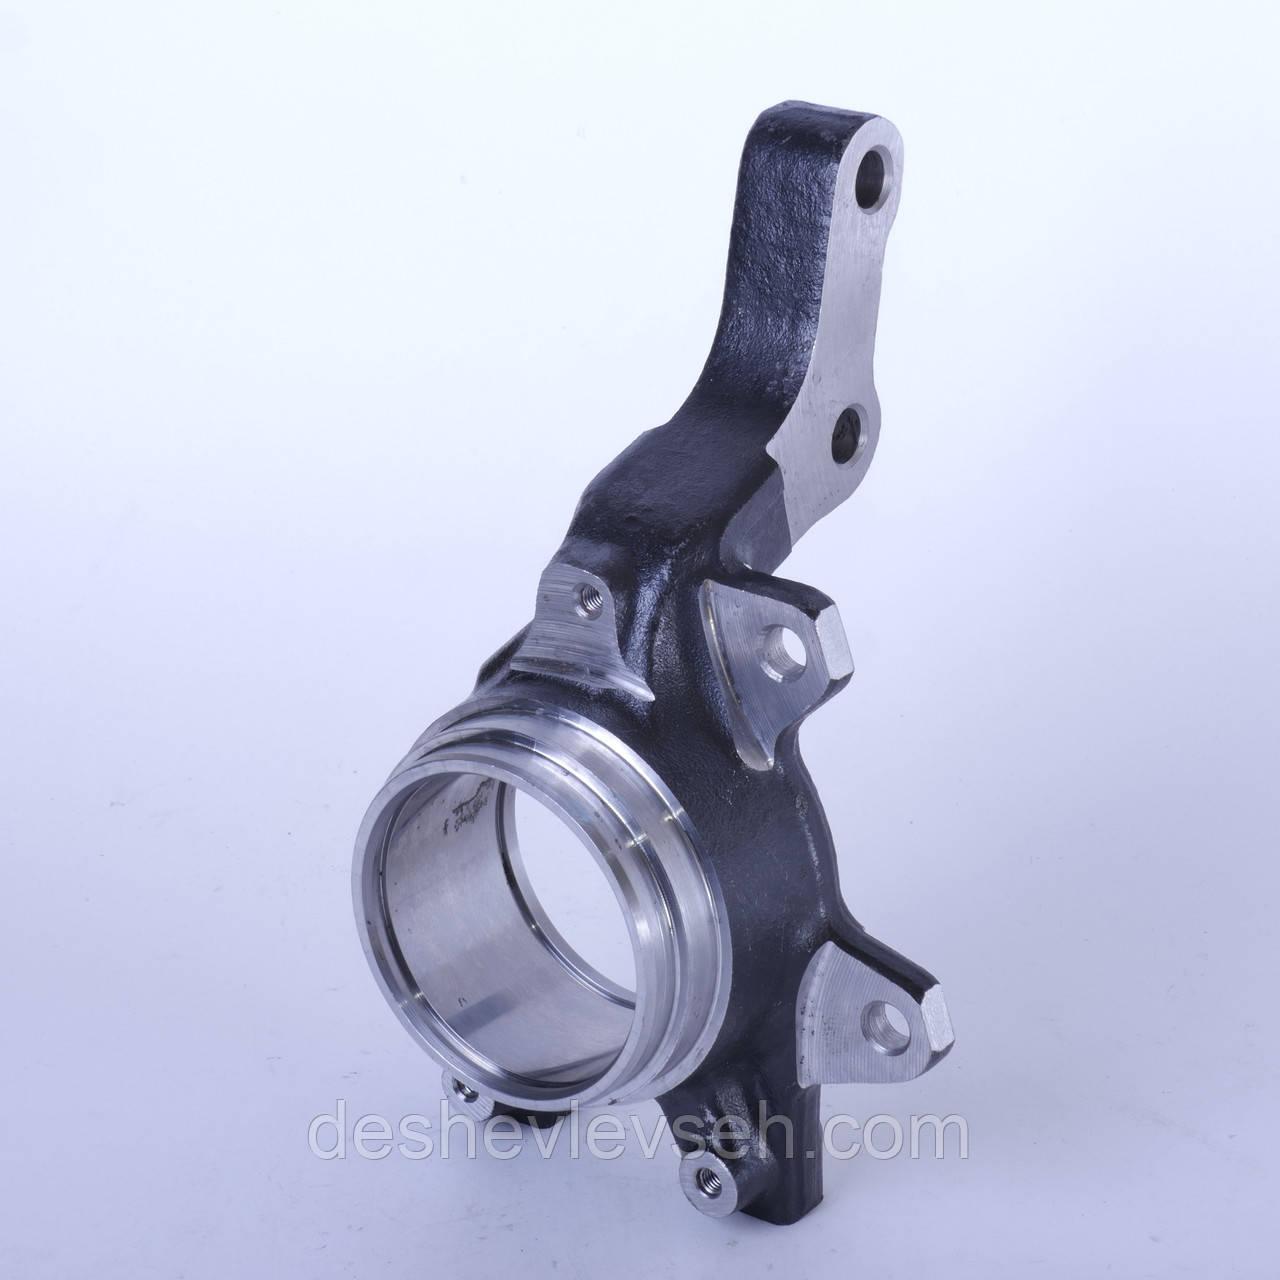 Кулак поворотный ВАЗ-1119 правый голый, 11196-3001014-00 (Тольятти)